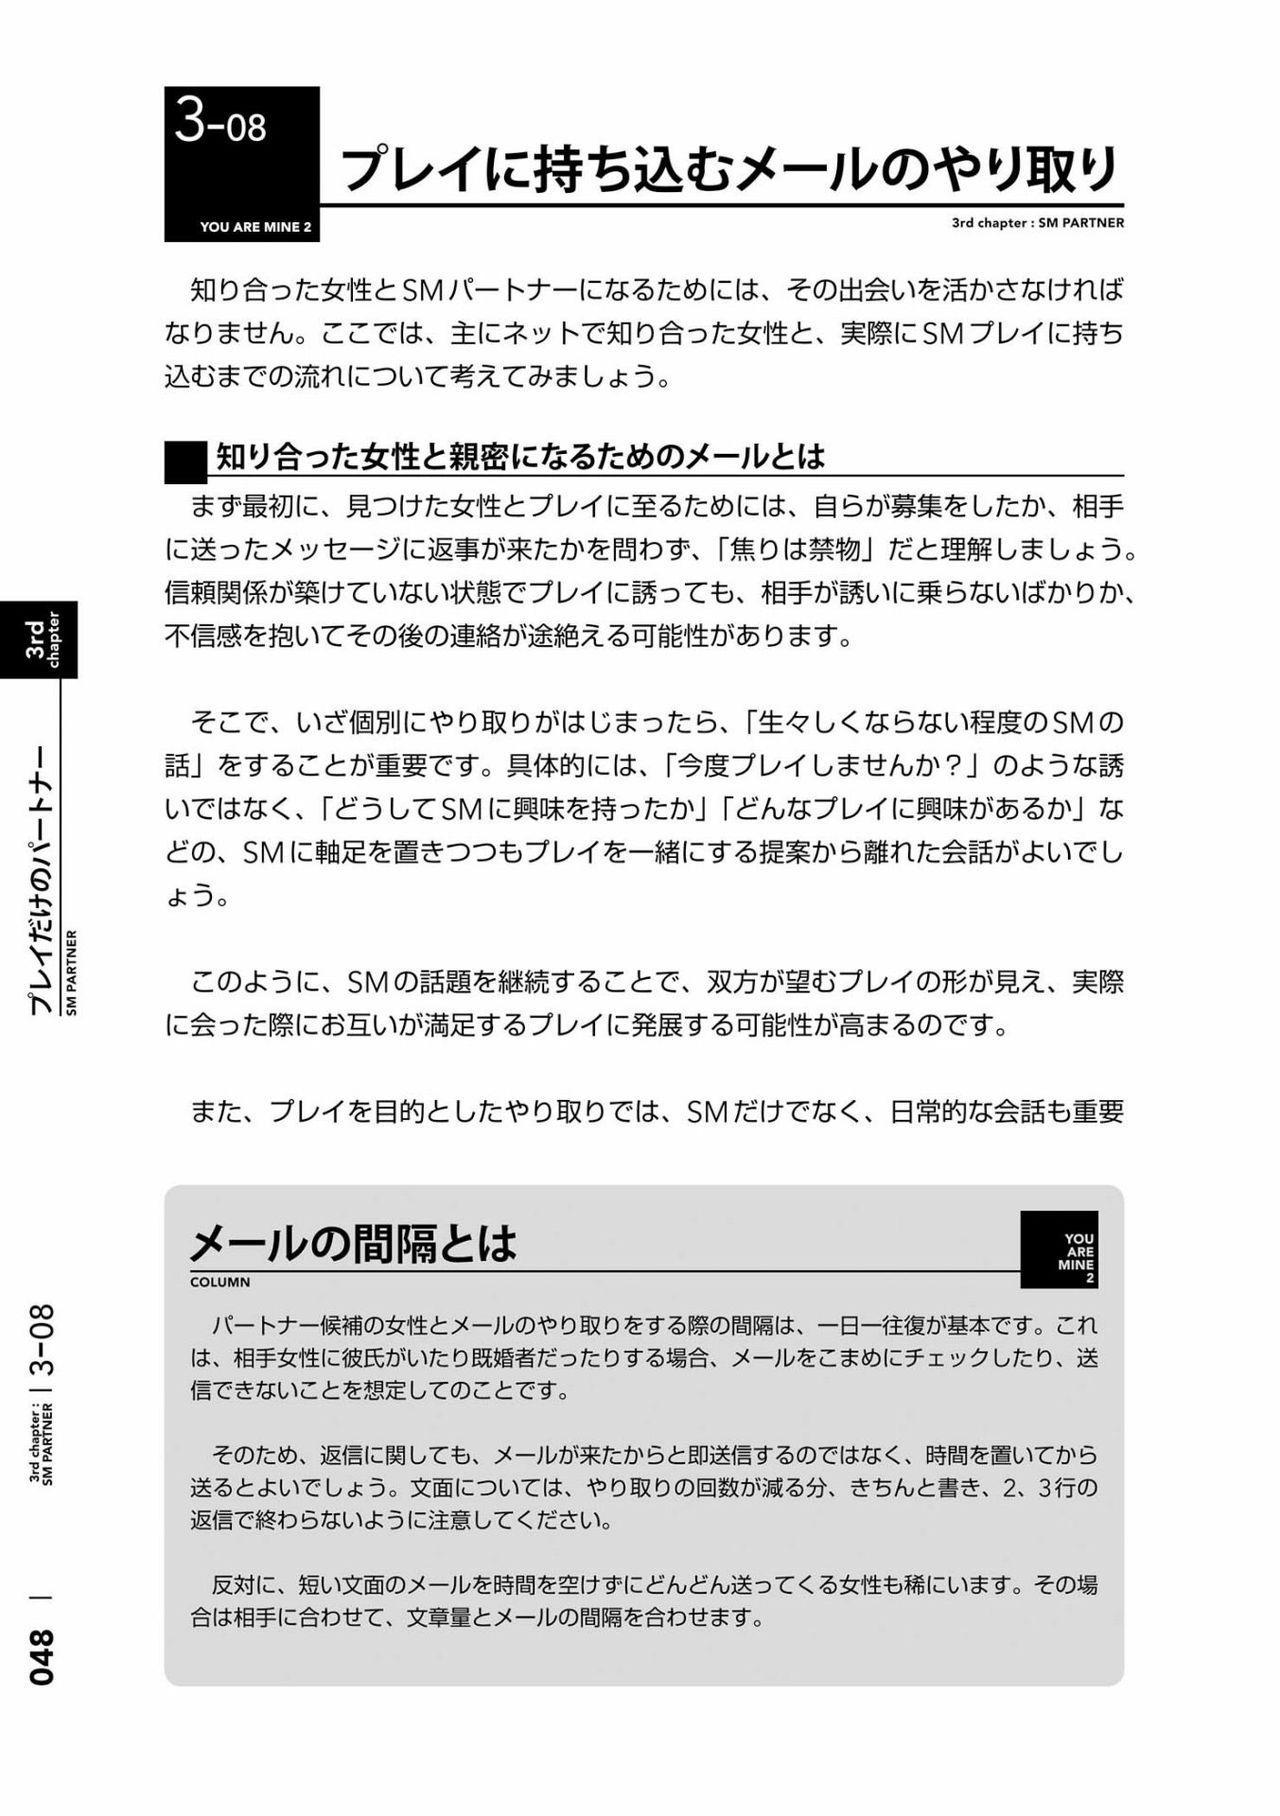 [Mitsuba] Karada mo Kokoro mo Boku no Mono ~Hajimete no SM Guide~ 2 [Digital] 50